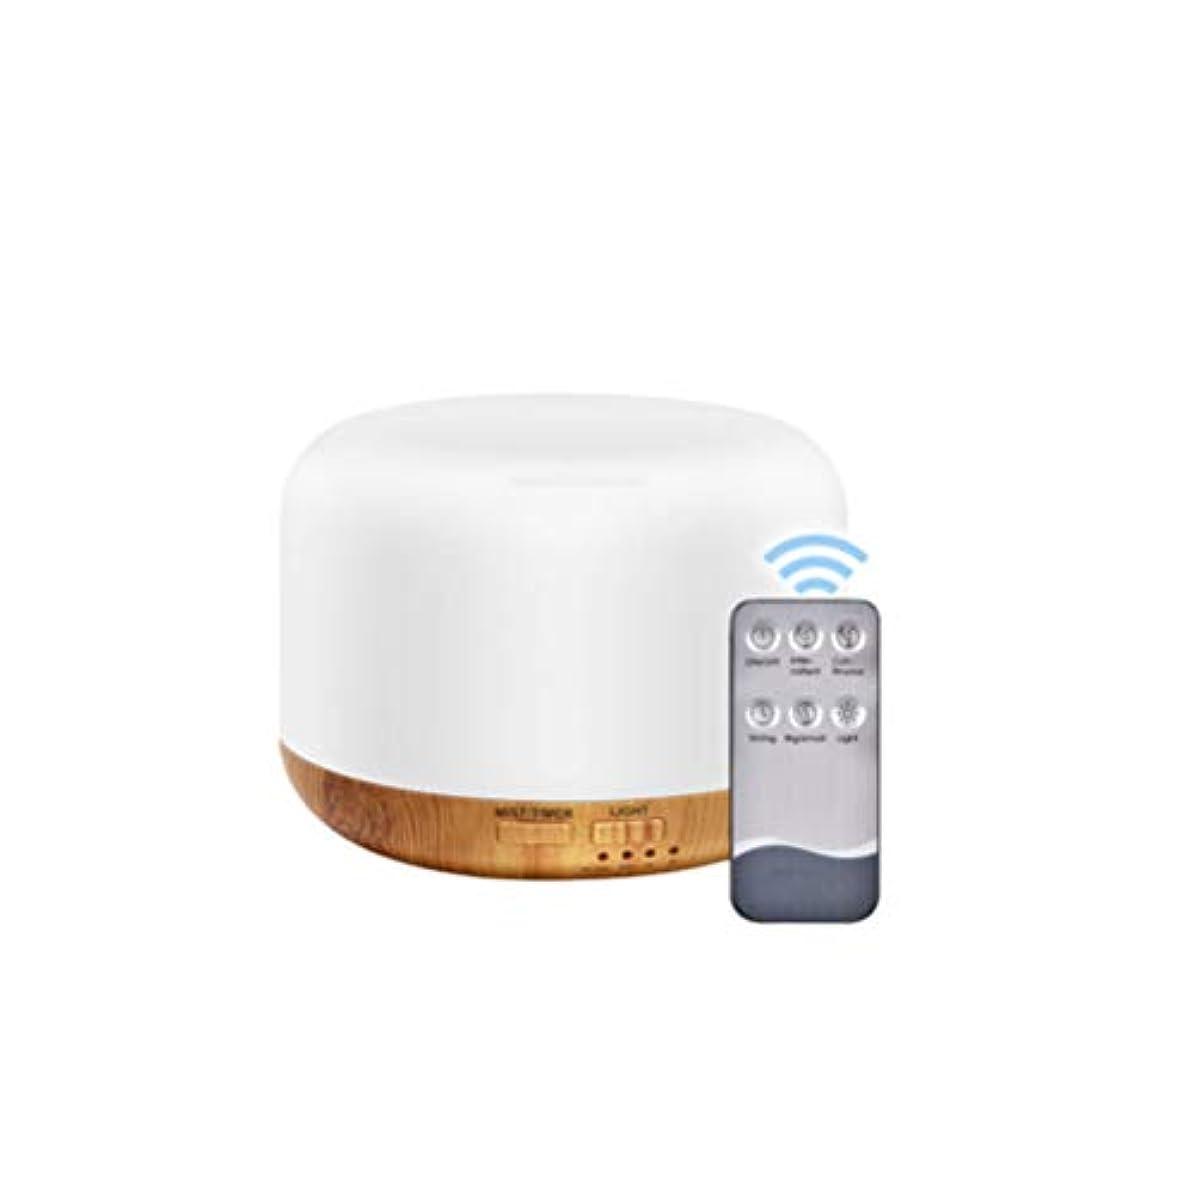 繁雑モスクサミュエルHealifty Essential Oil Diffuser Aroma Essential Oil Cool Mist Humidifier Remote Control Colorful Aromatherapy...